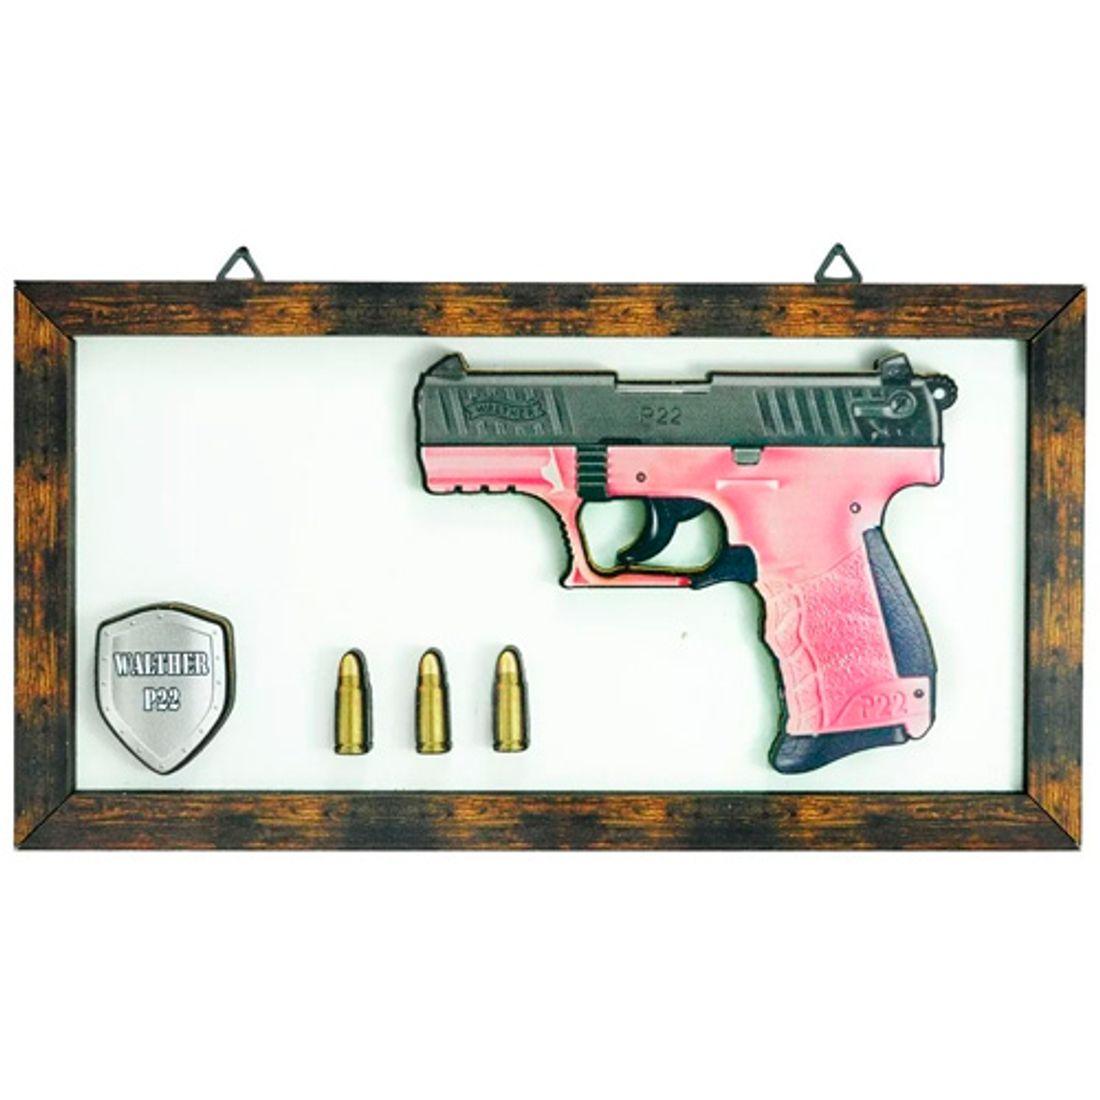 Quadro-3D-Arma-de-Fogo-Walther-P22-Mdf-Madeira-Adesivado